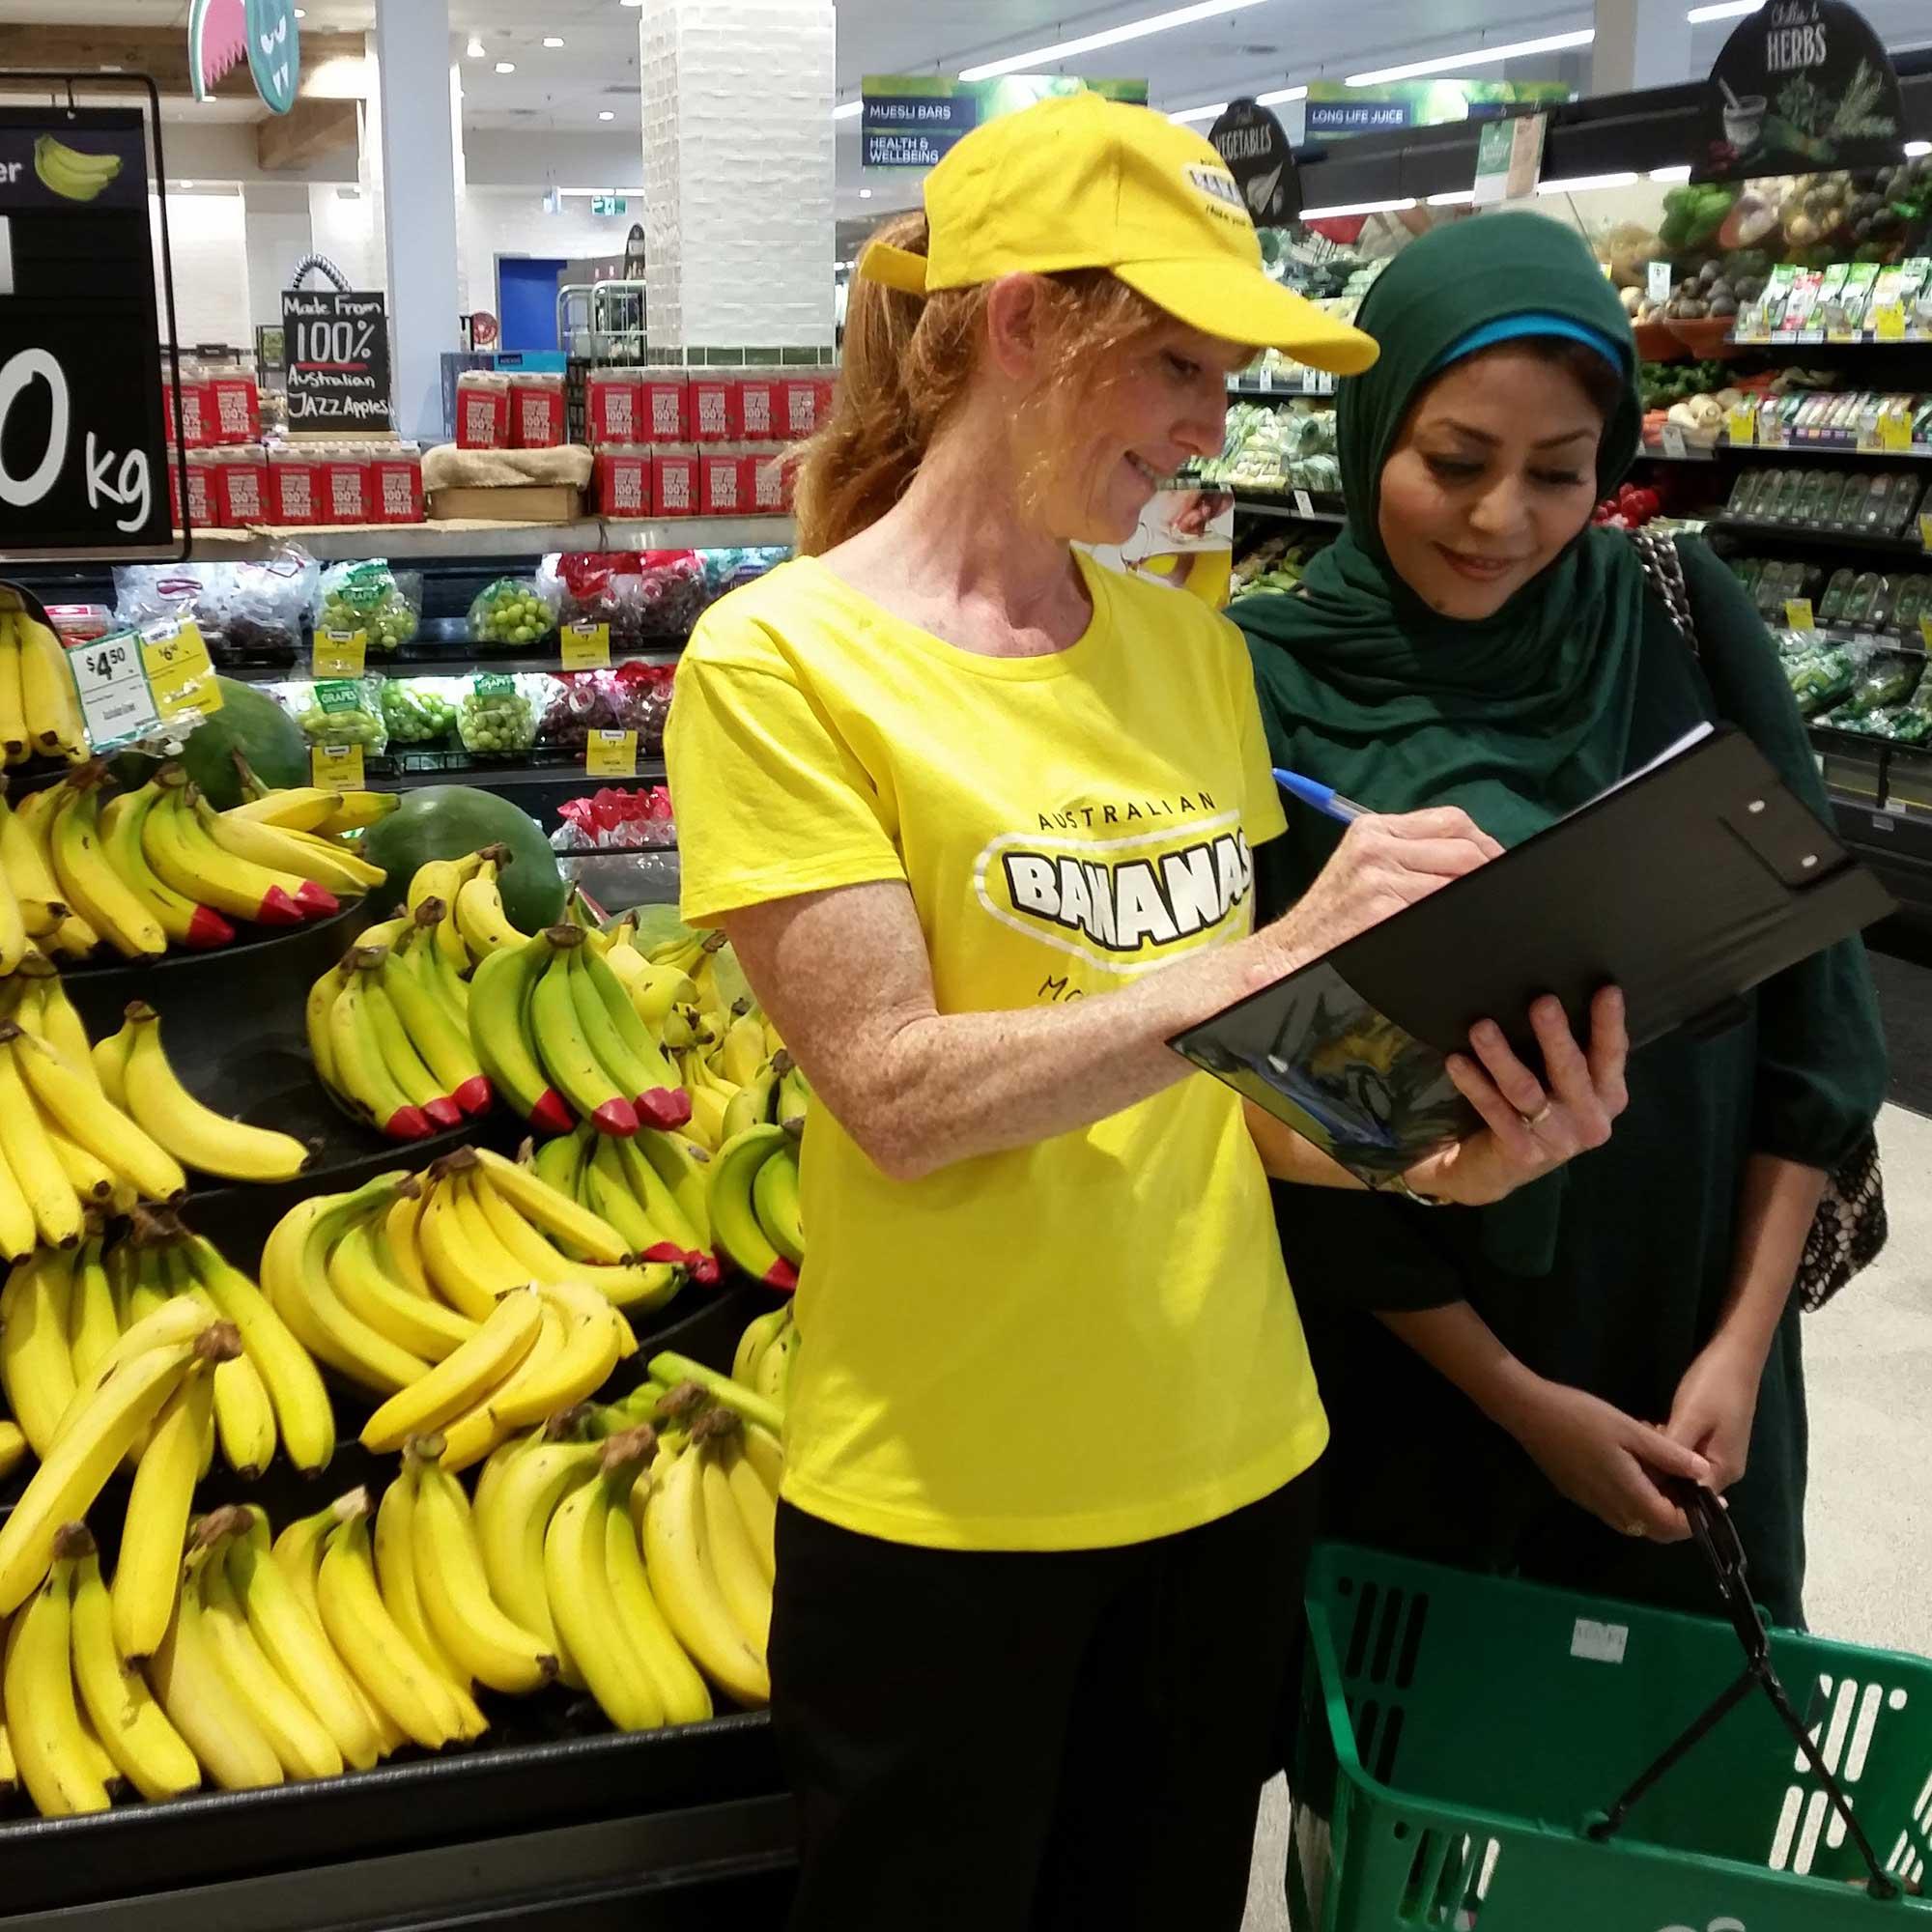 Hort Innovation 'Australian Bananas'